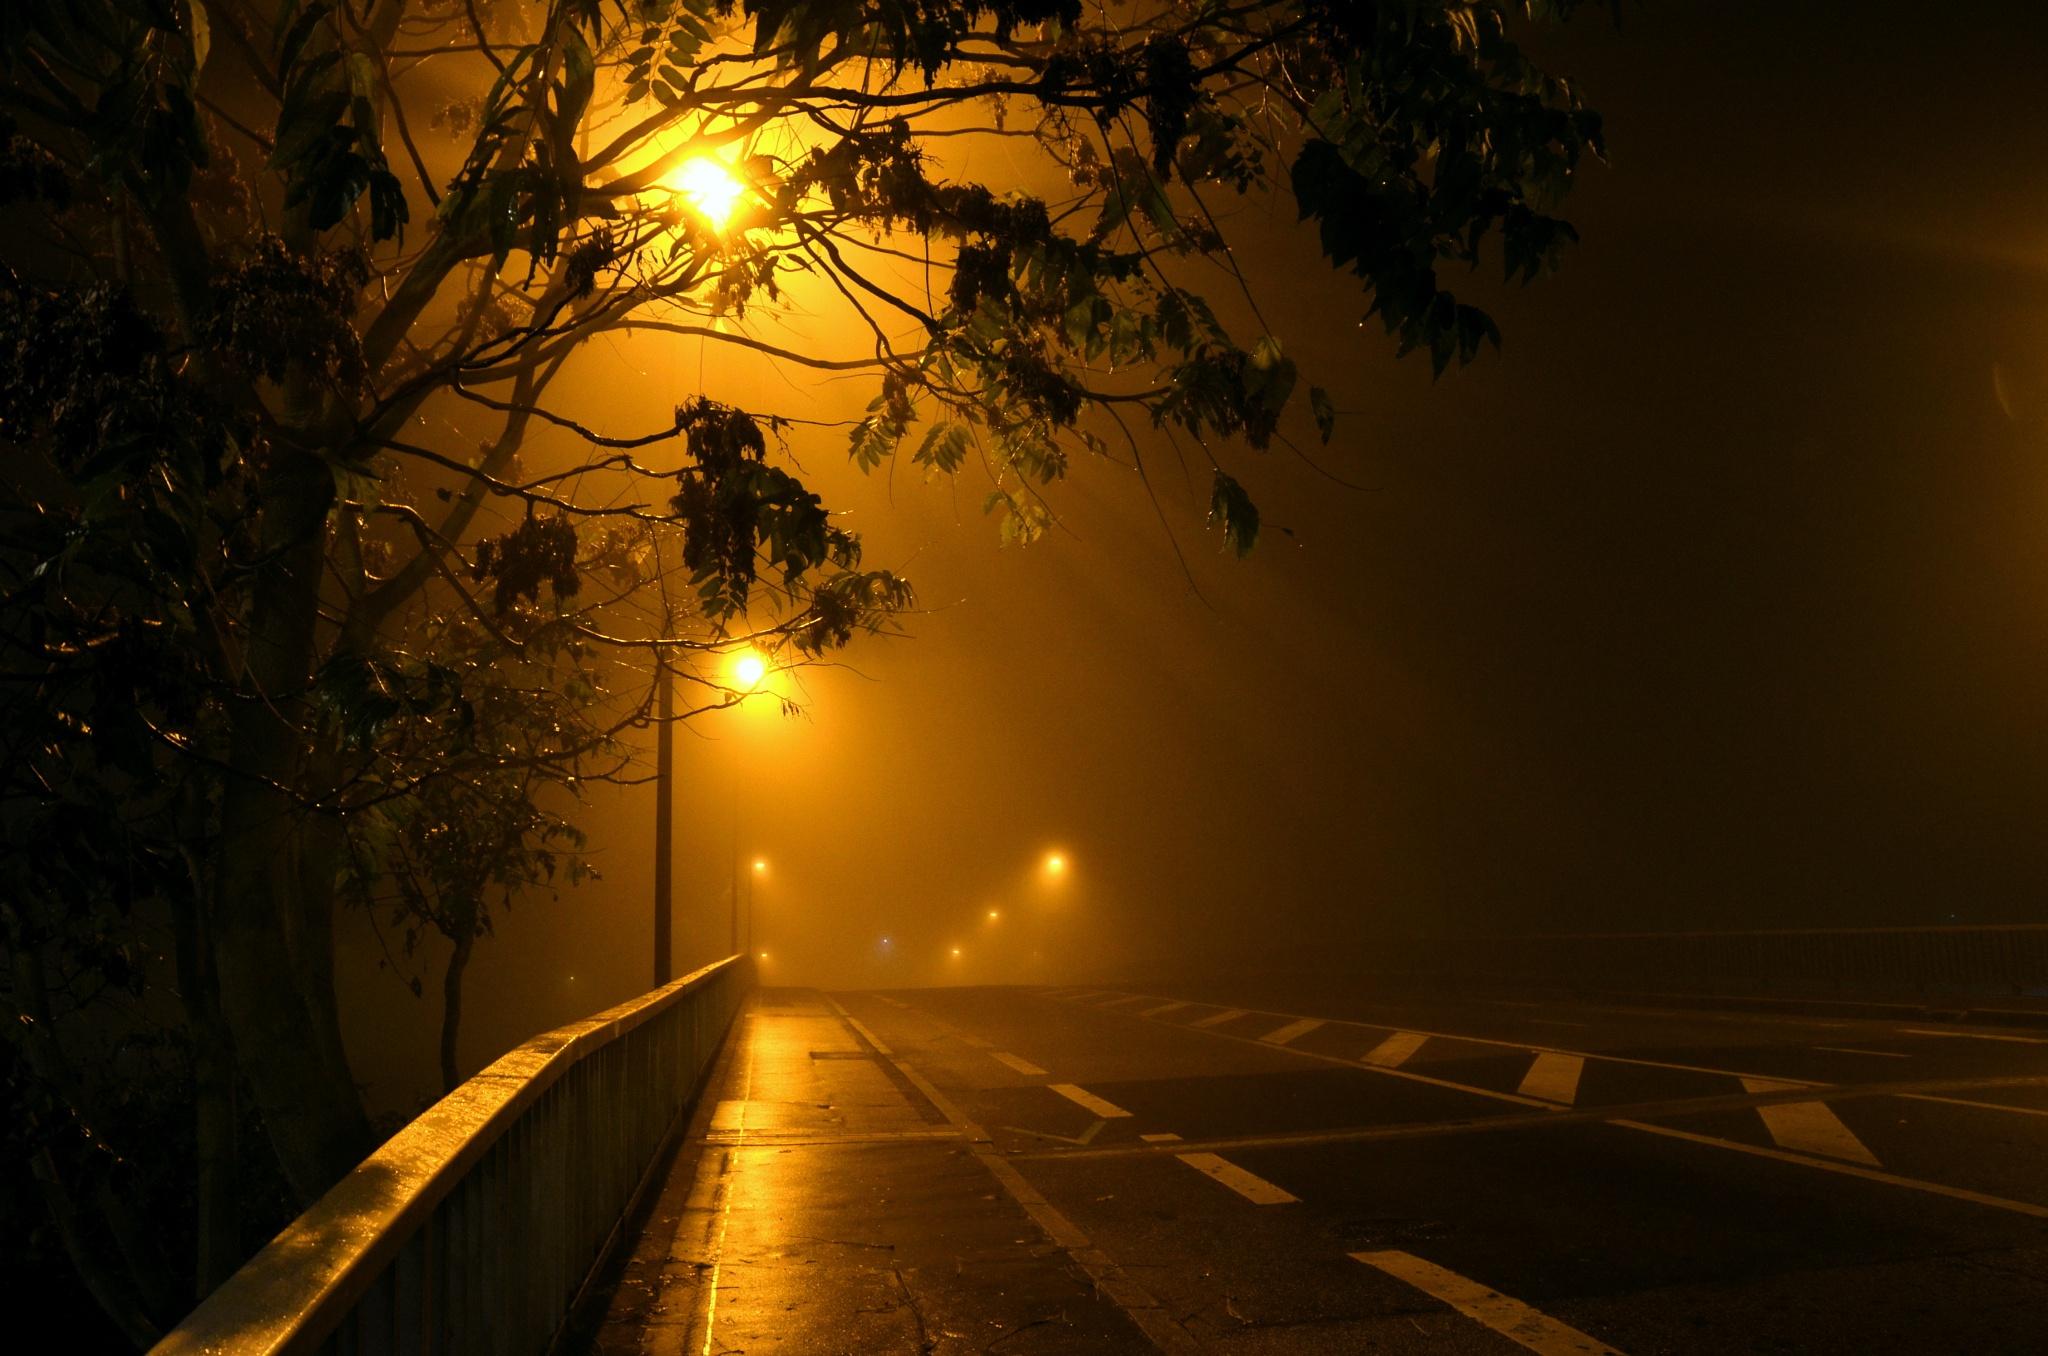 The fog downtown by Bernard Guillon